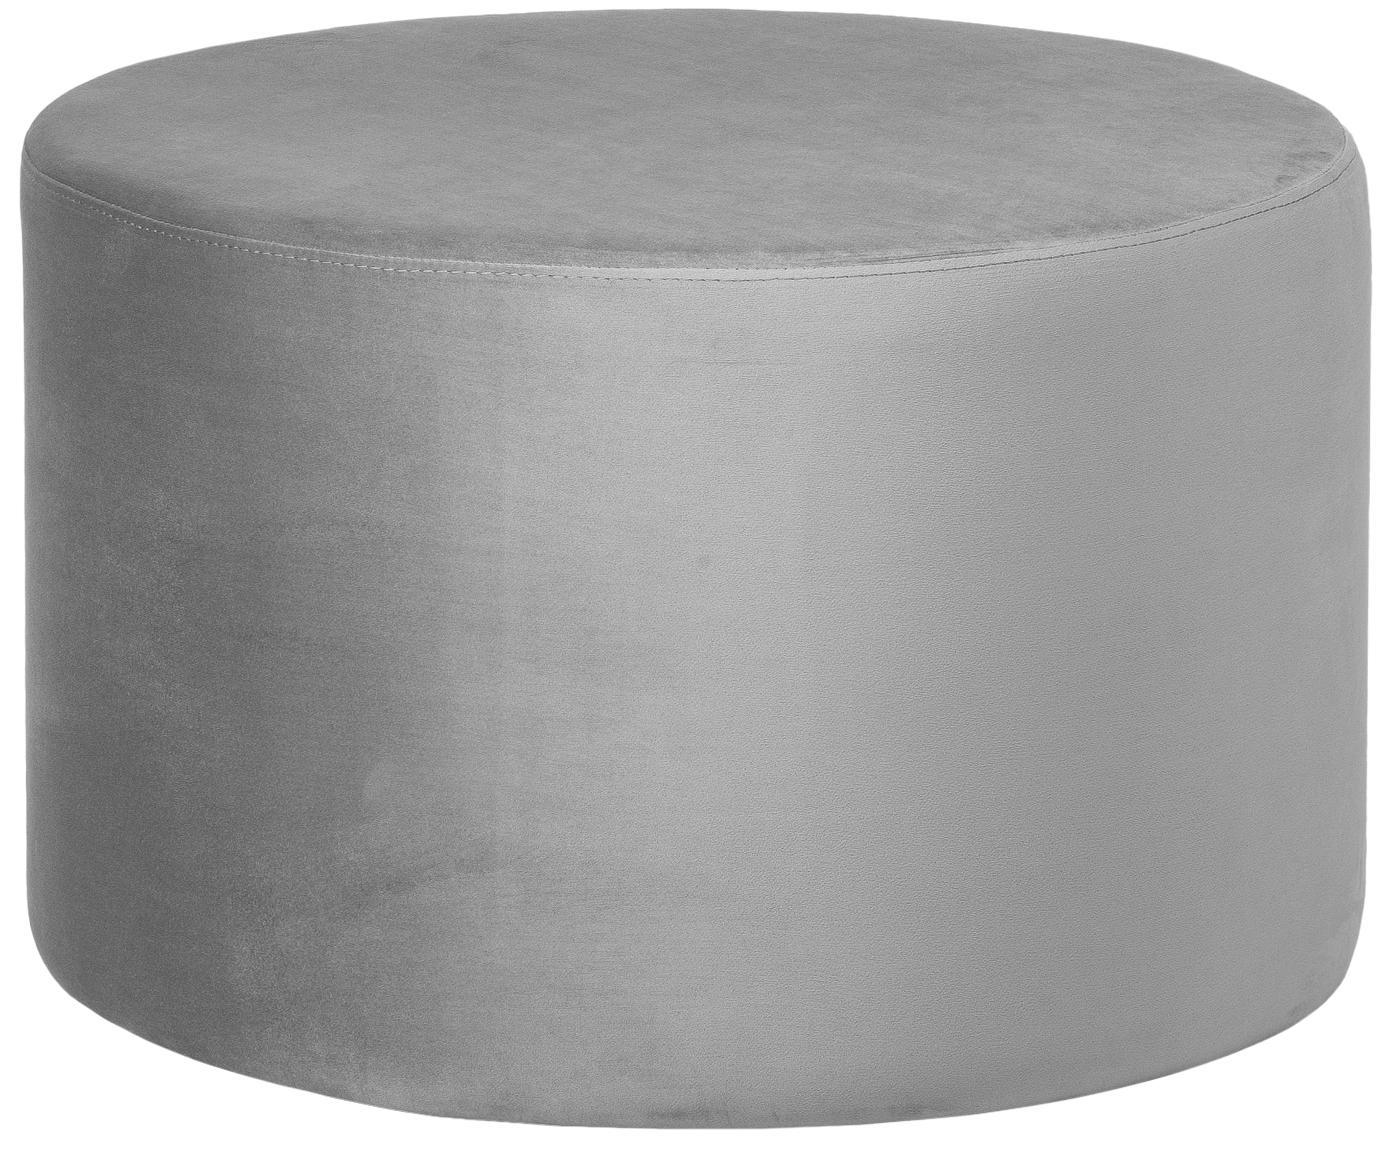 Pouf in velluto Daisy, Rivestimento: velluto (poliestere) 15.0, Struttura: pannello di fibra a media, Grigio, Ø 62 x Alt. 41 cm